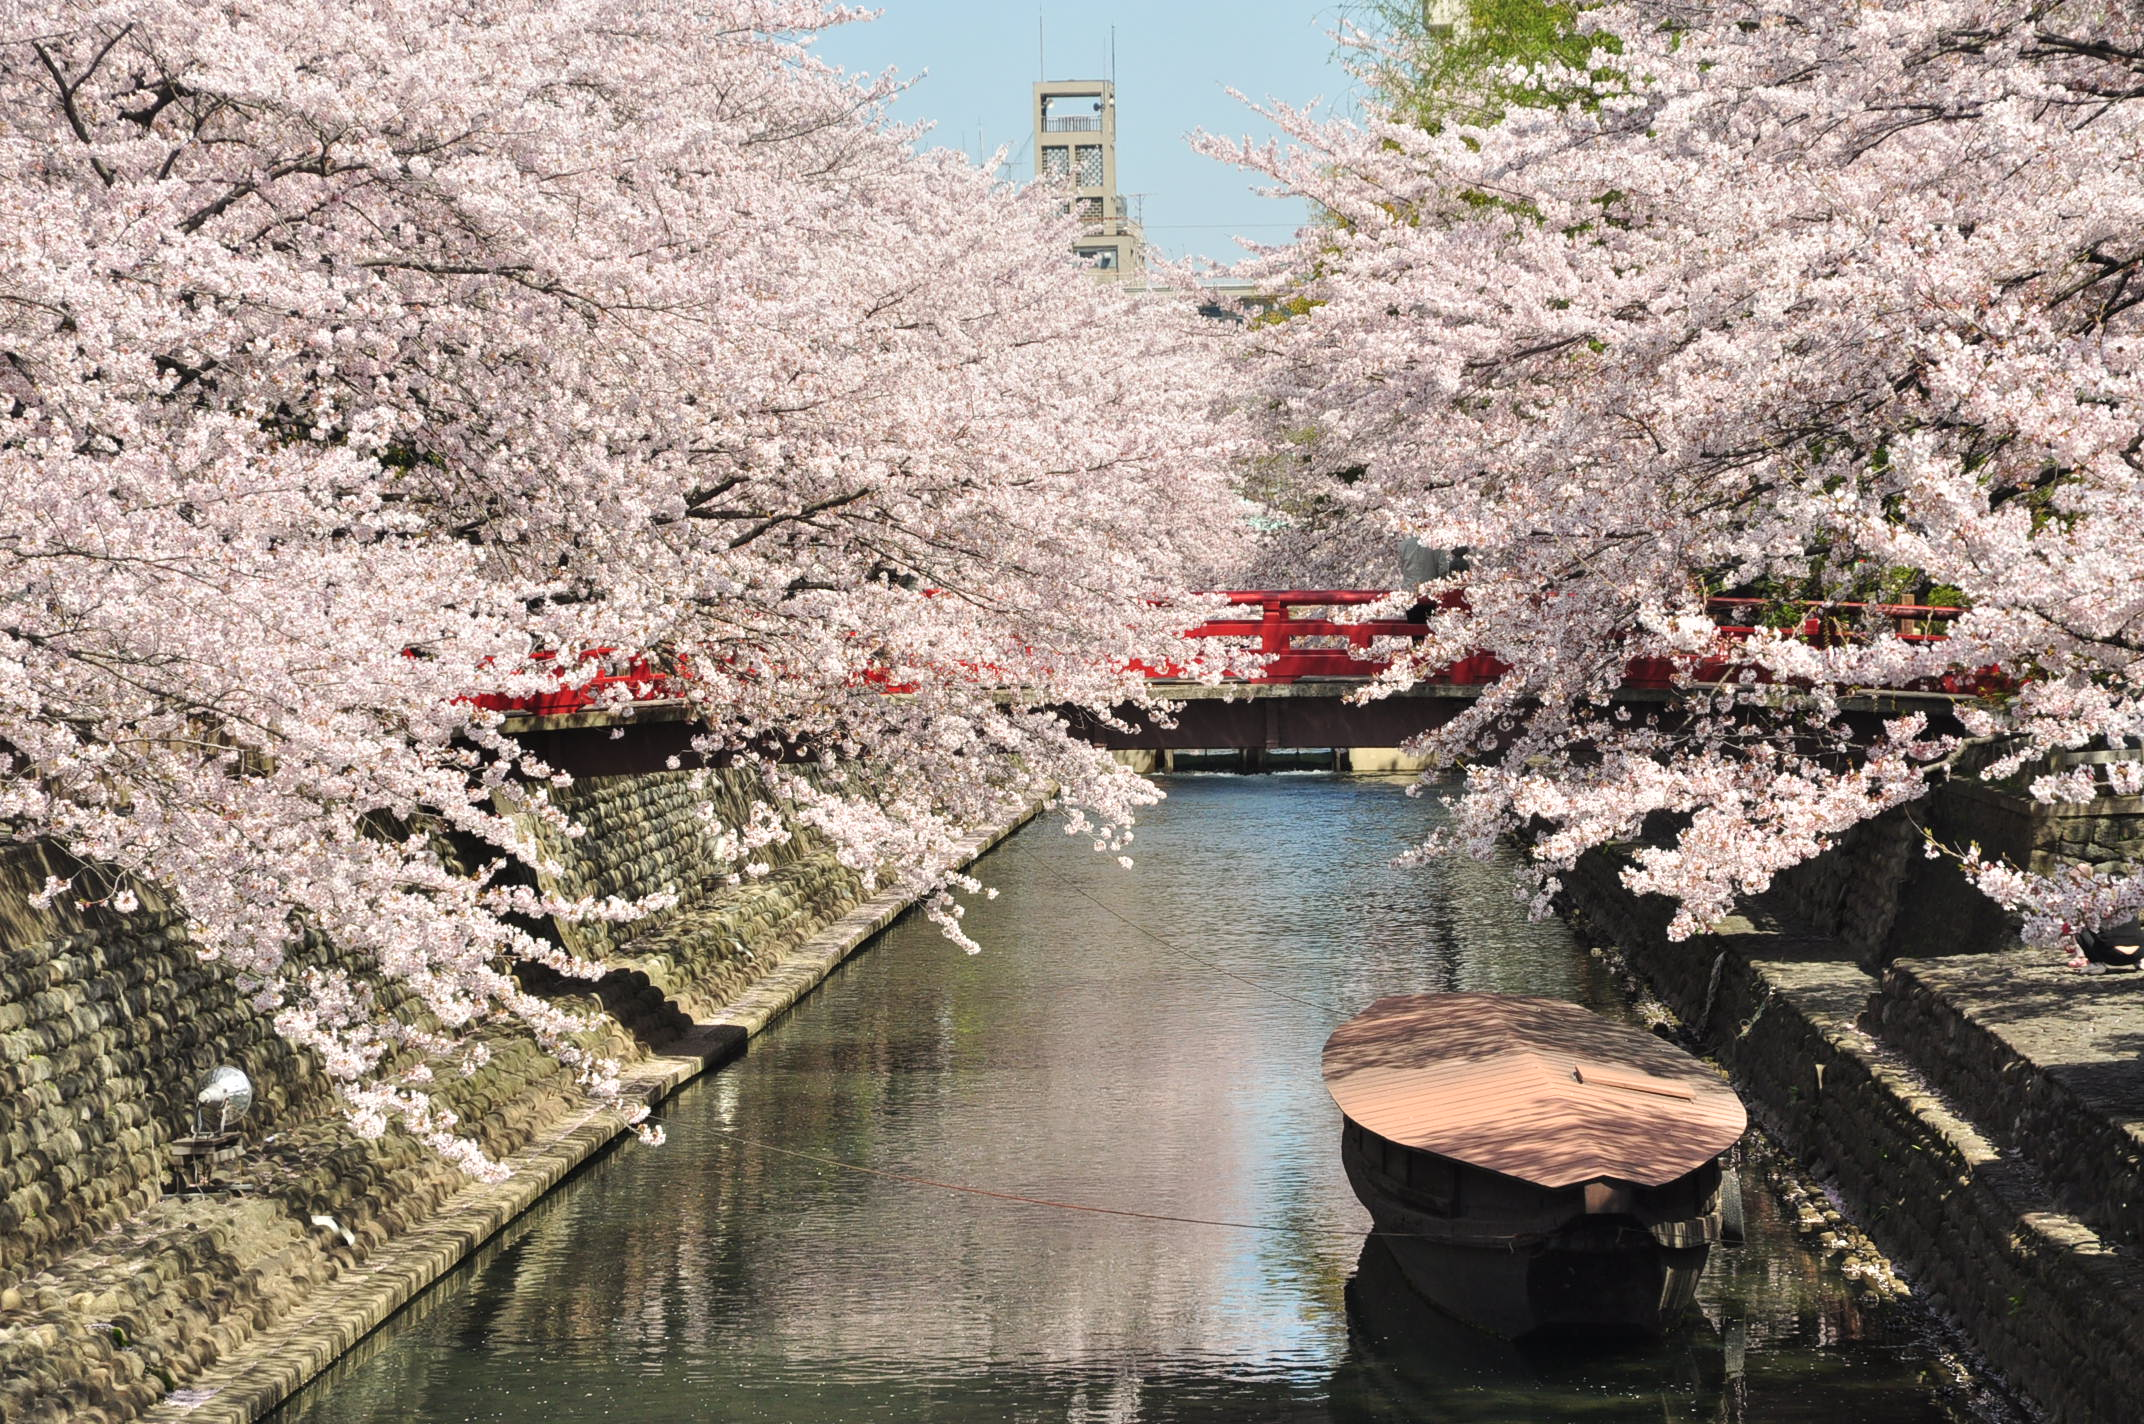 大垣市は歴史あふれる水の都!おすすめの名所と名物をたっぷり紹介!